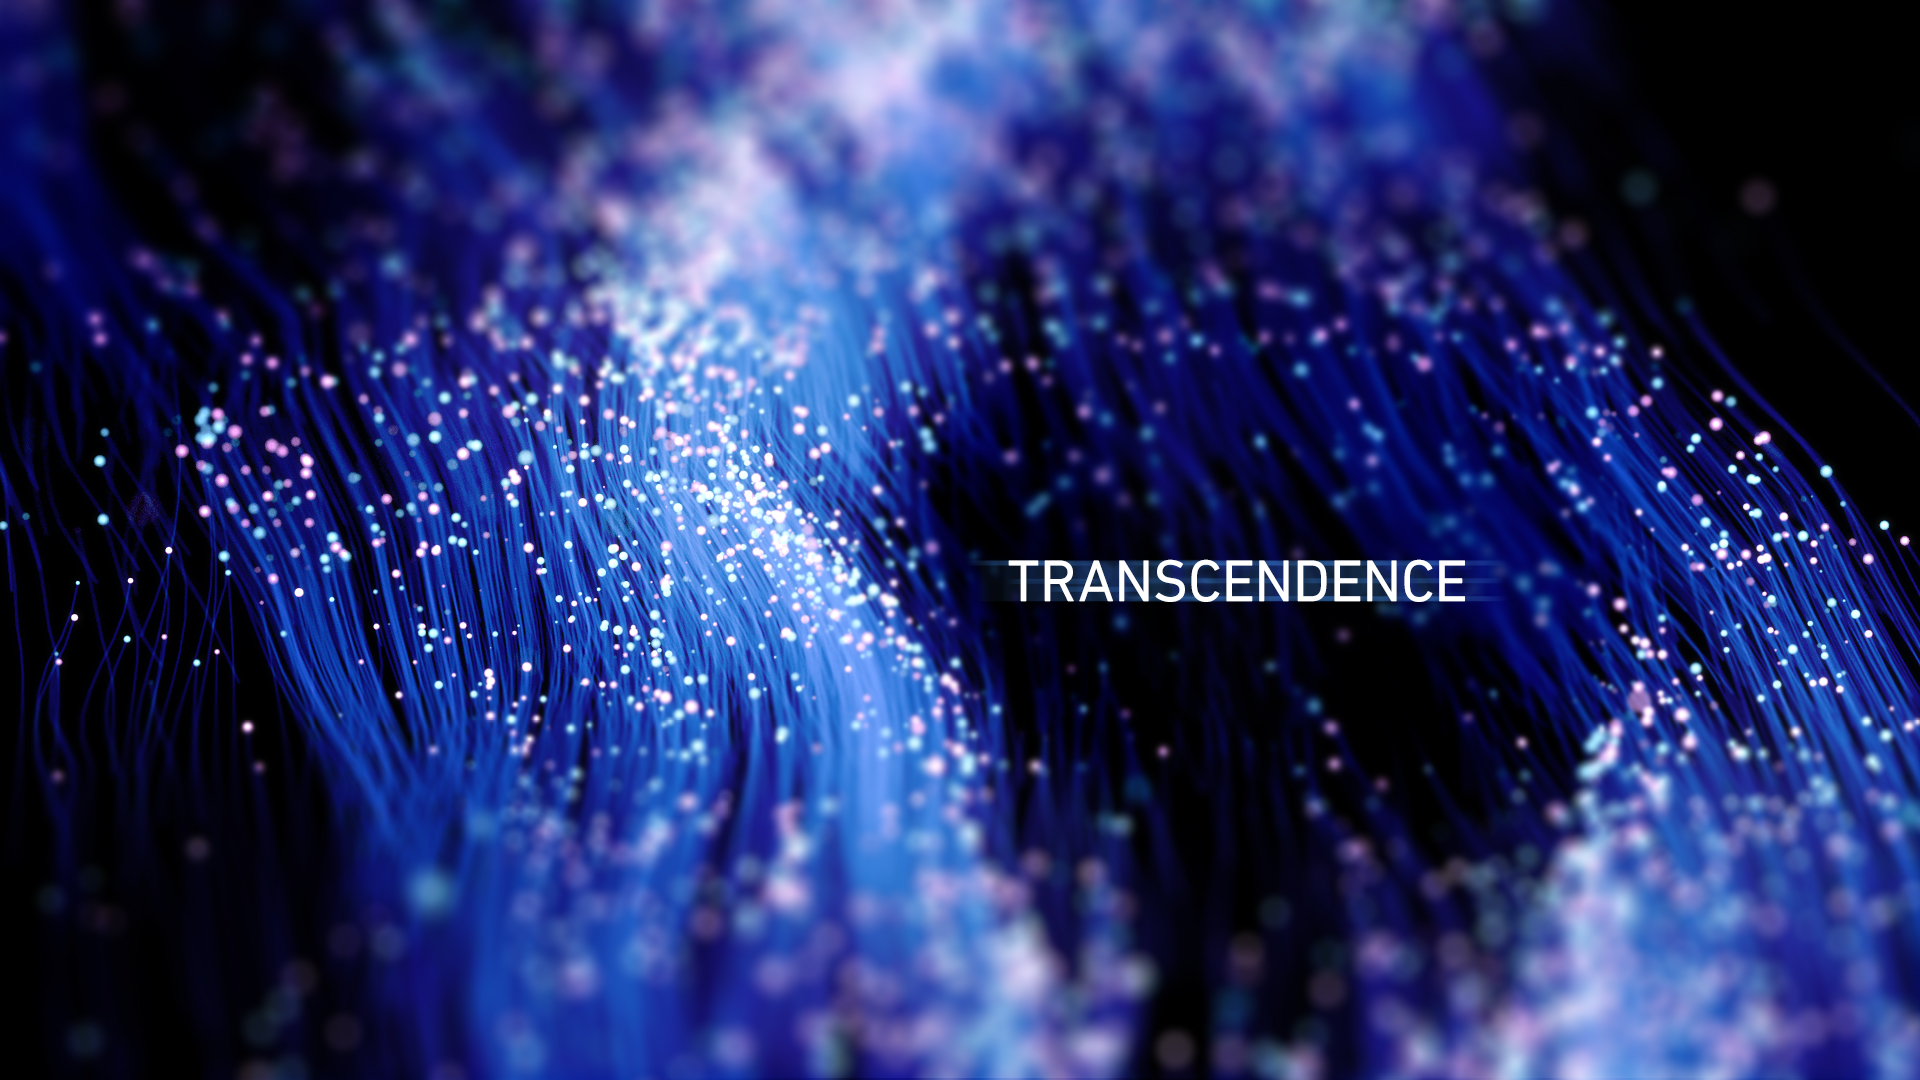 transcendence.jpg